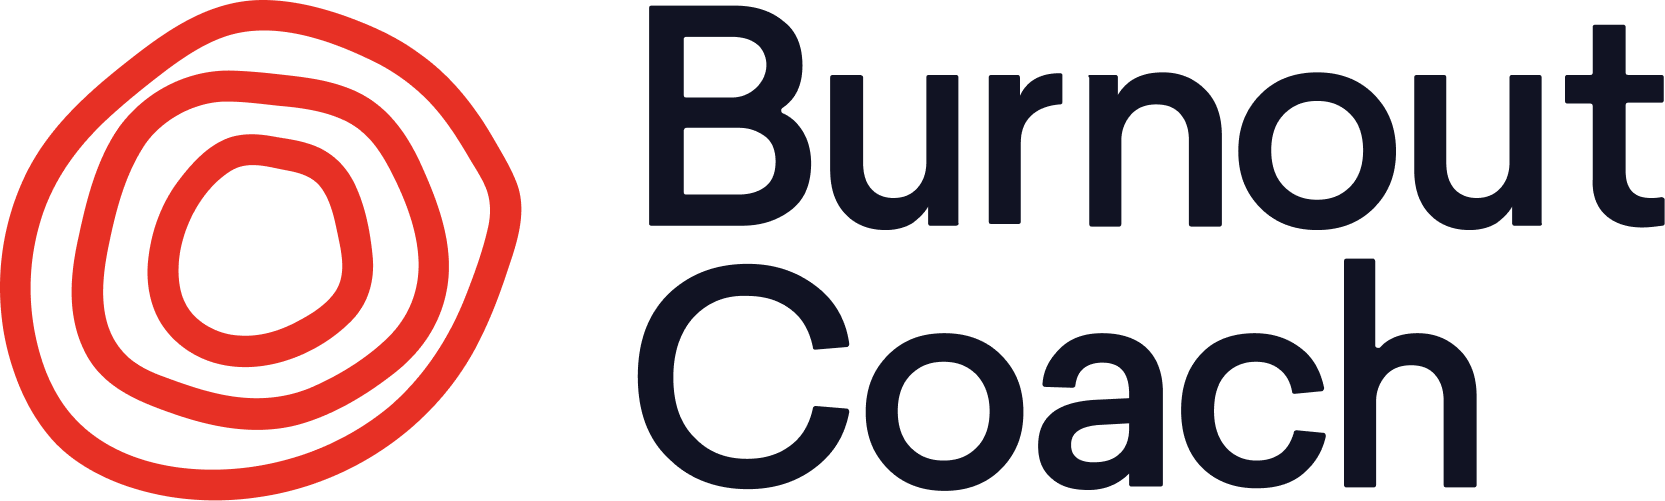 Burnout Coach